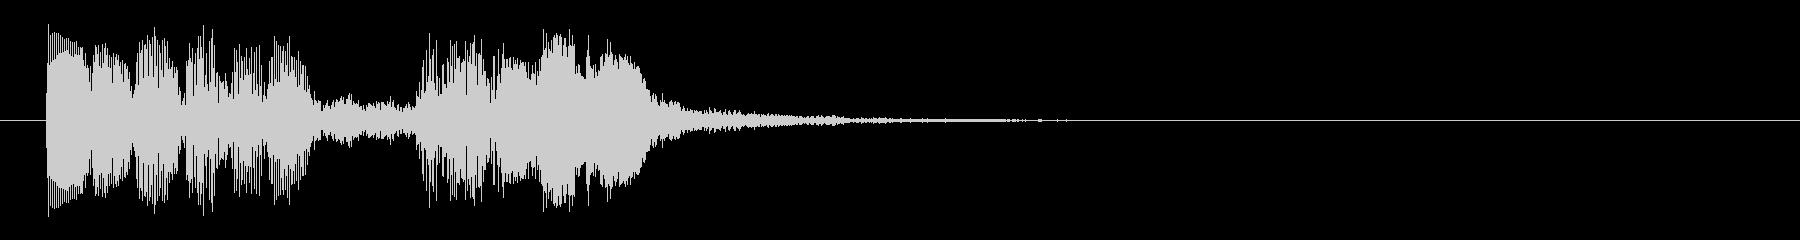 8ビット風システム音-18-3_revの未再生の波形